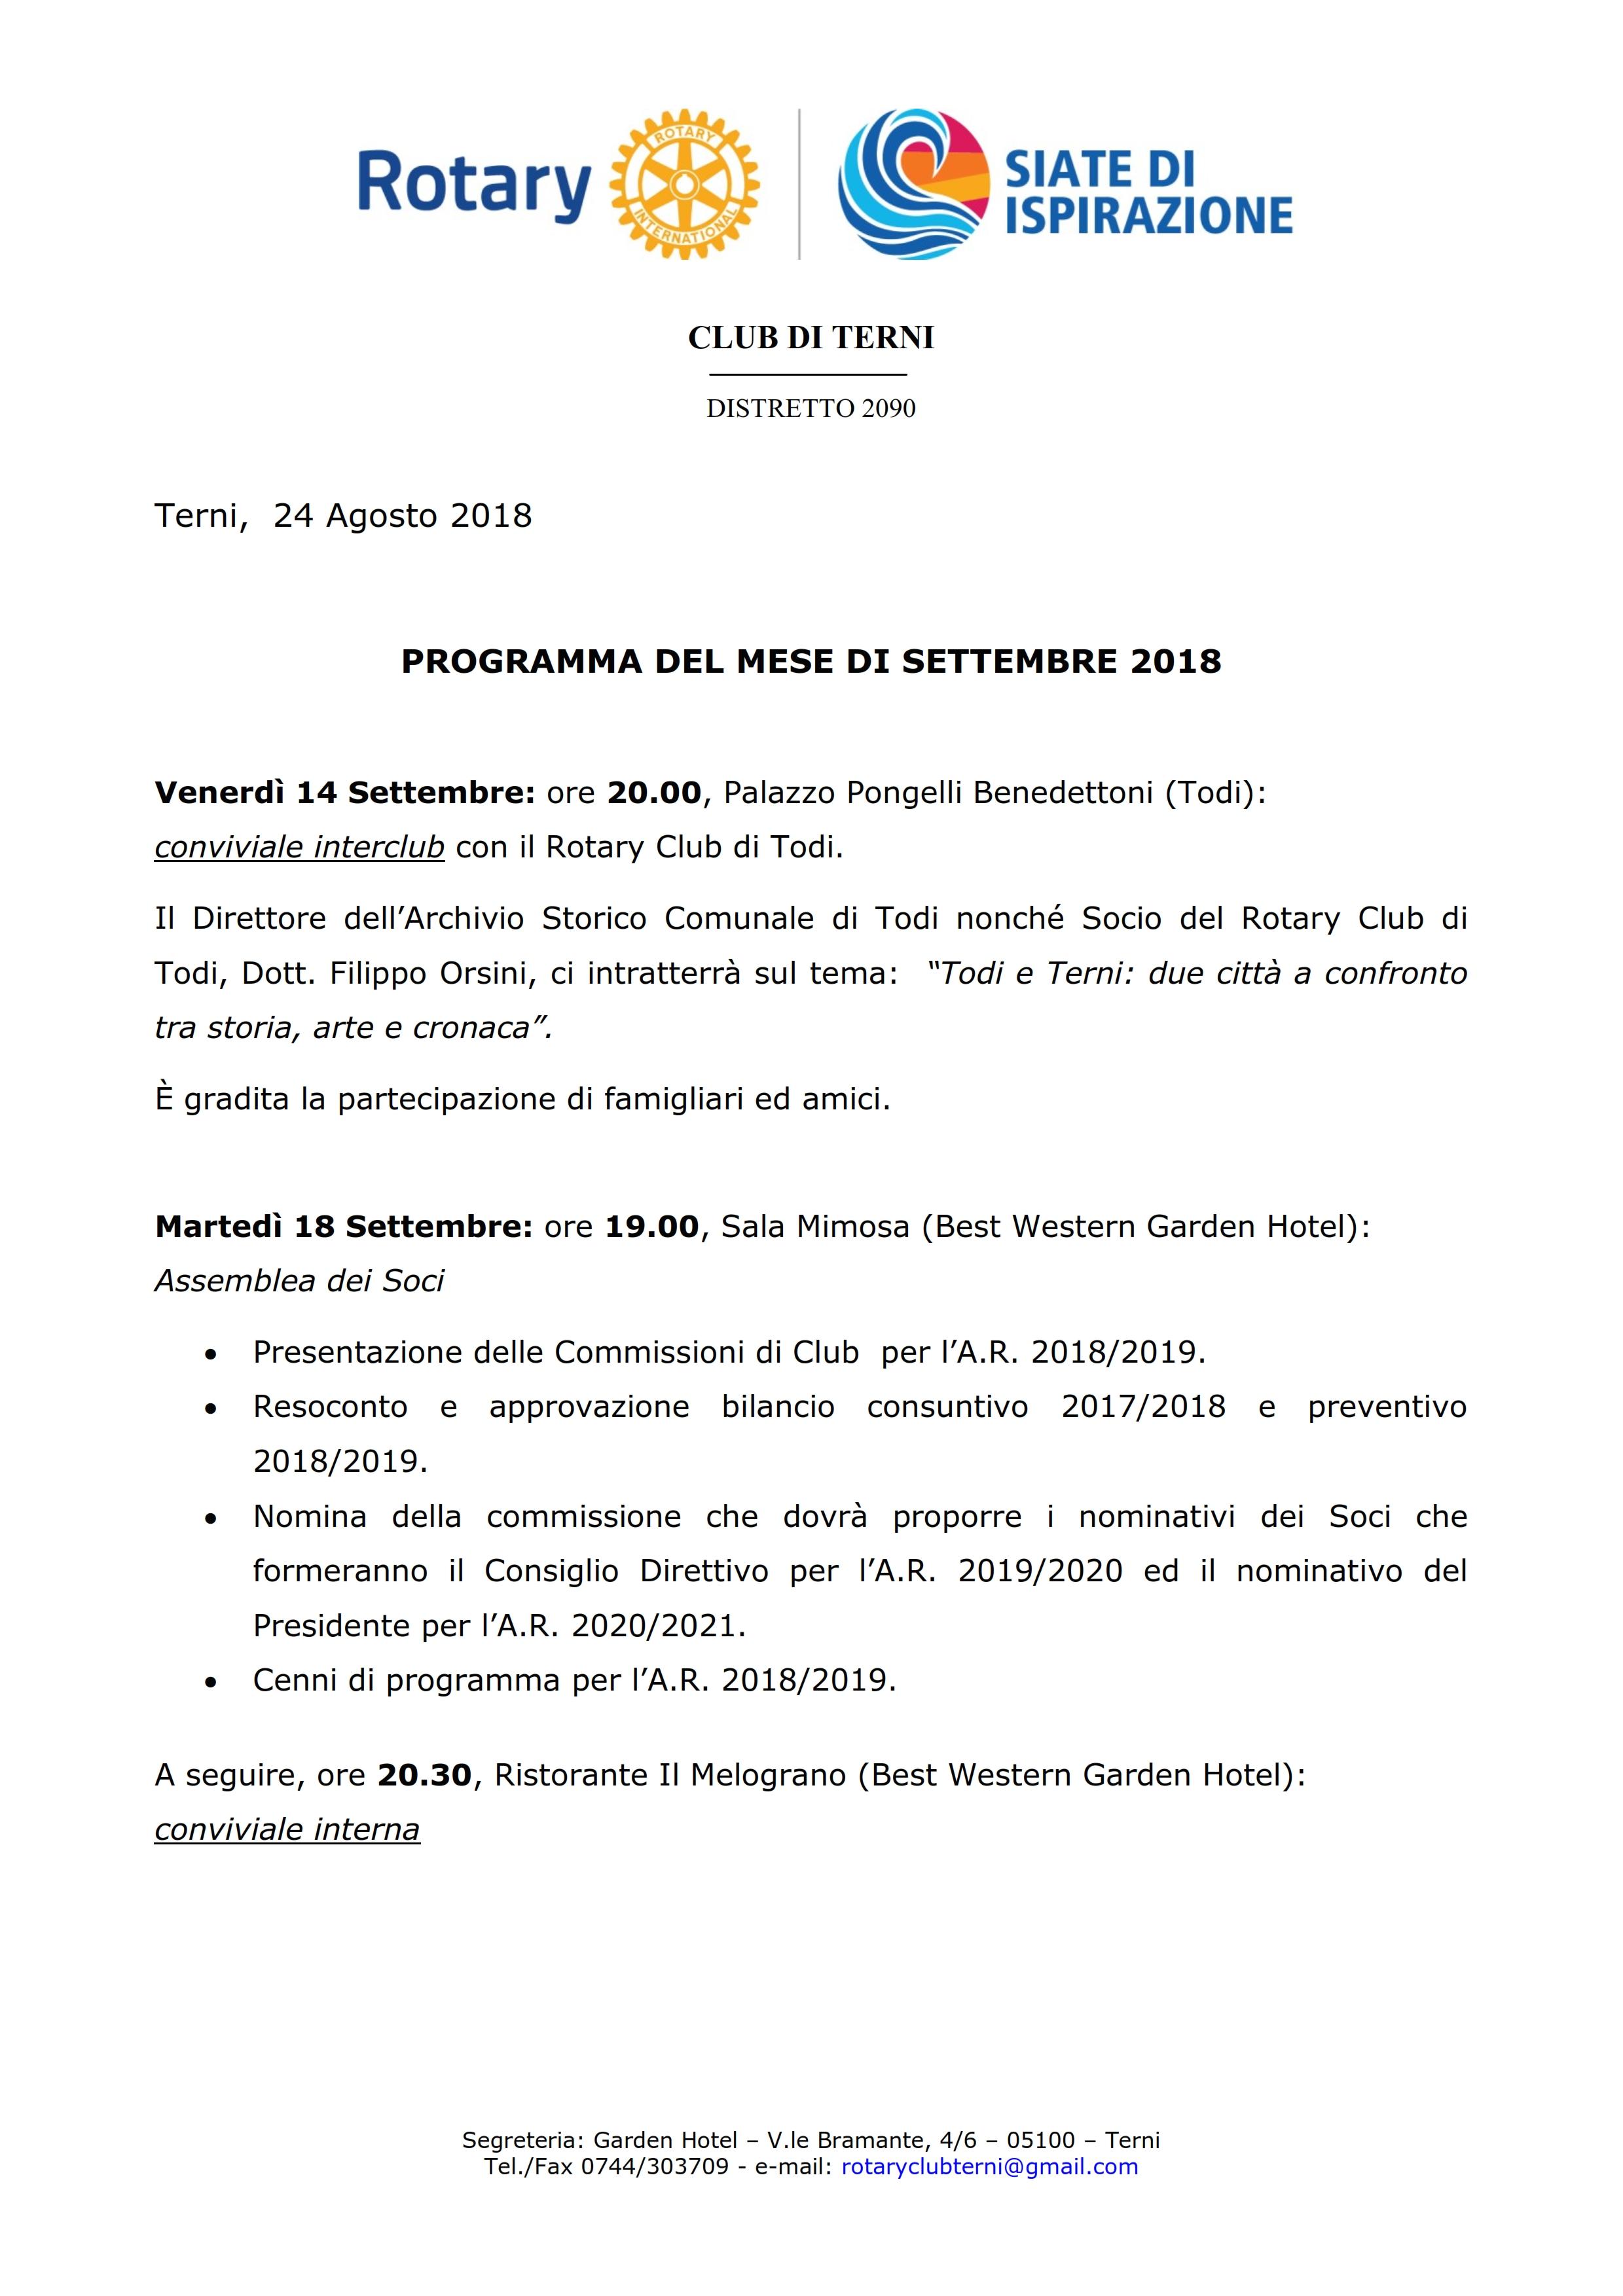 2018_09-RC Terni-Programma Settembre 2018_001